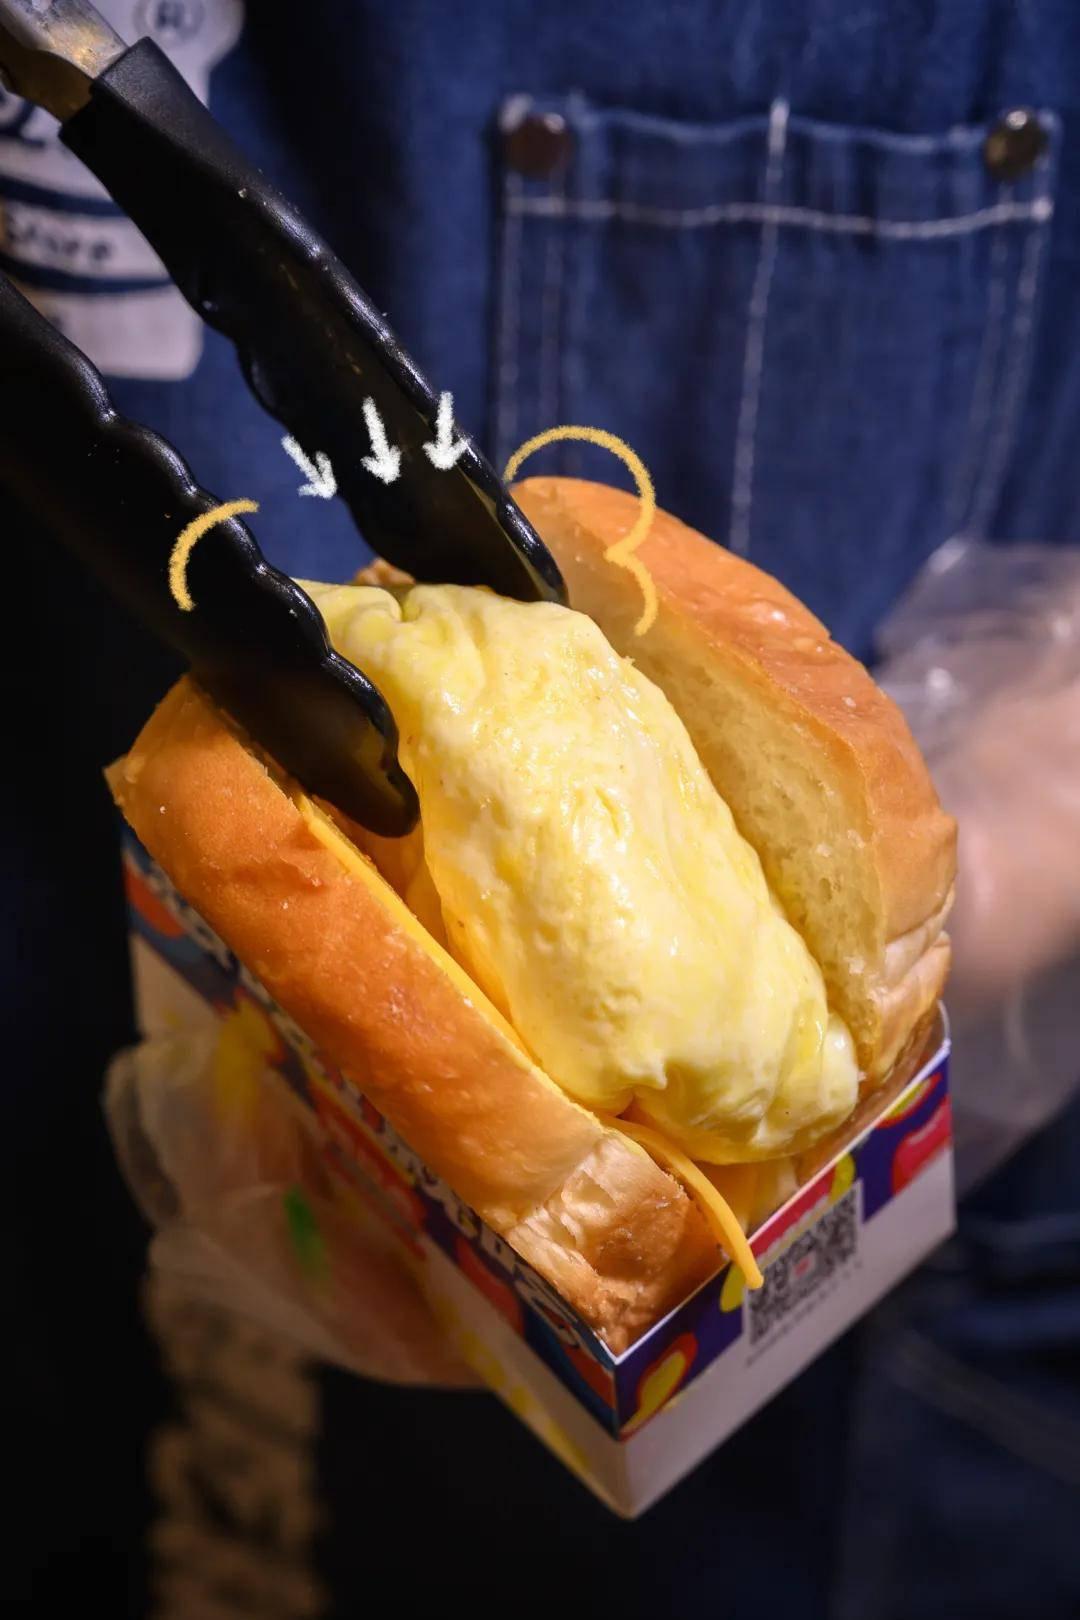 爆蛋吐司来江南西了,厚肉会Biu汁,蛋比布丁滑